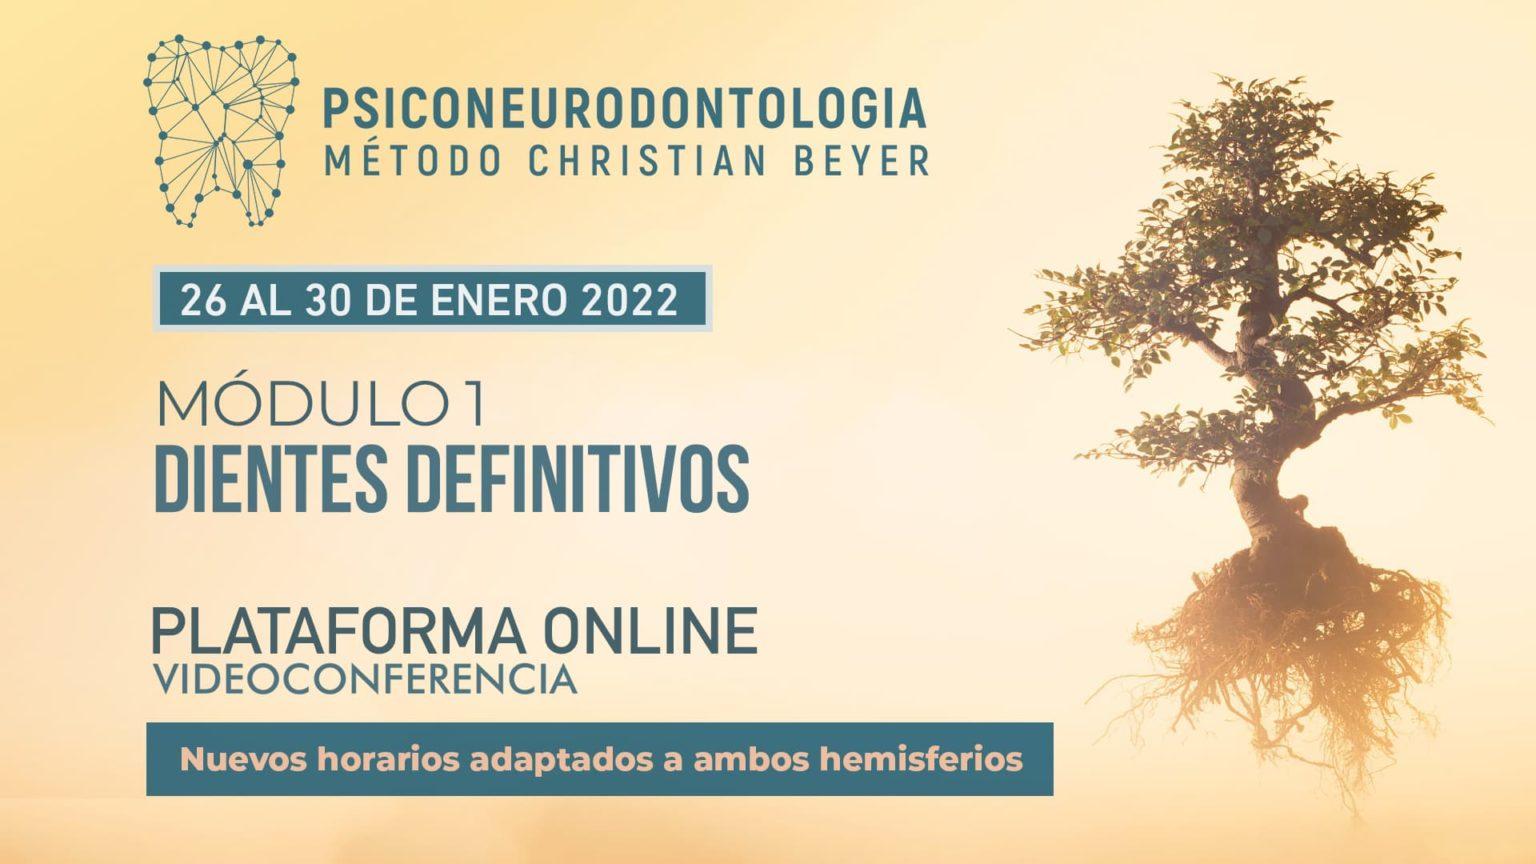 Módulo 1 – 26 de Enero 2022